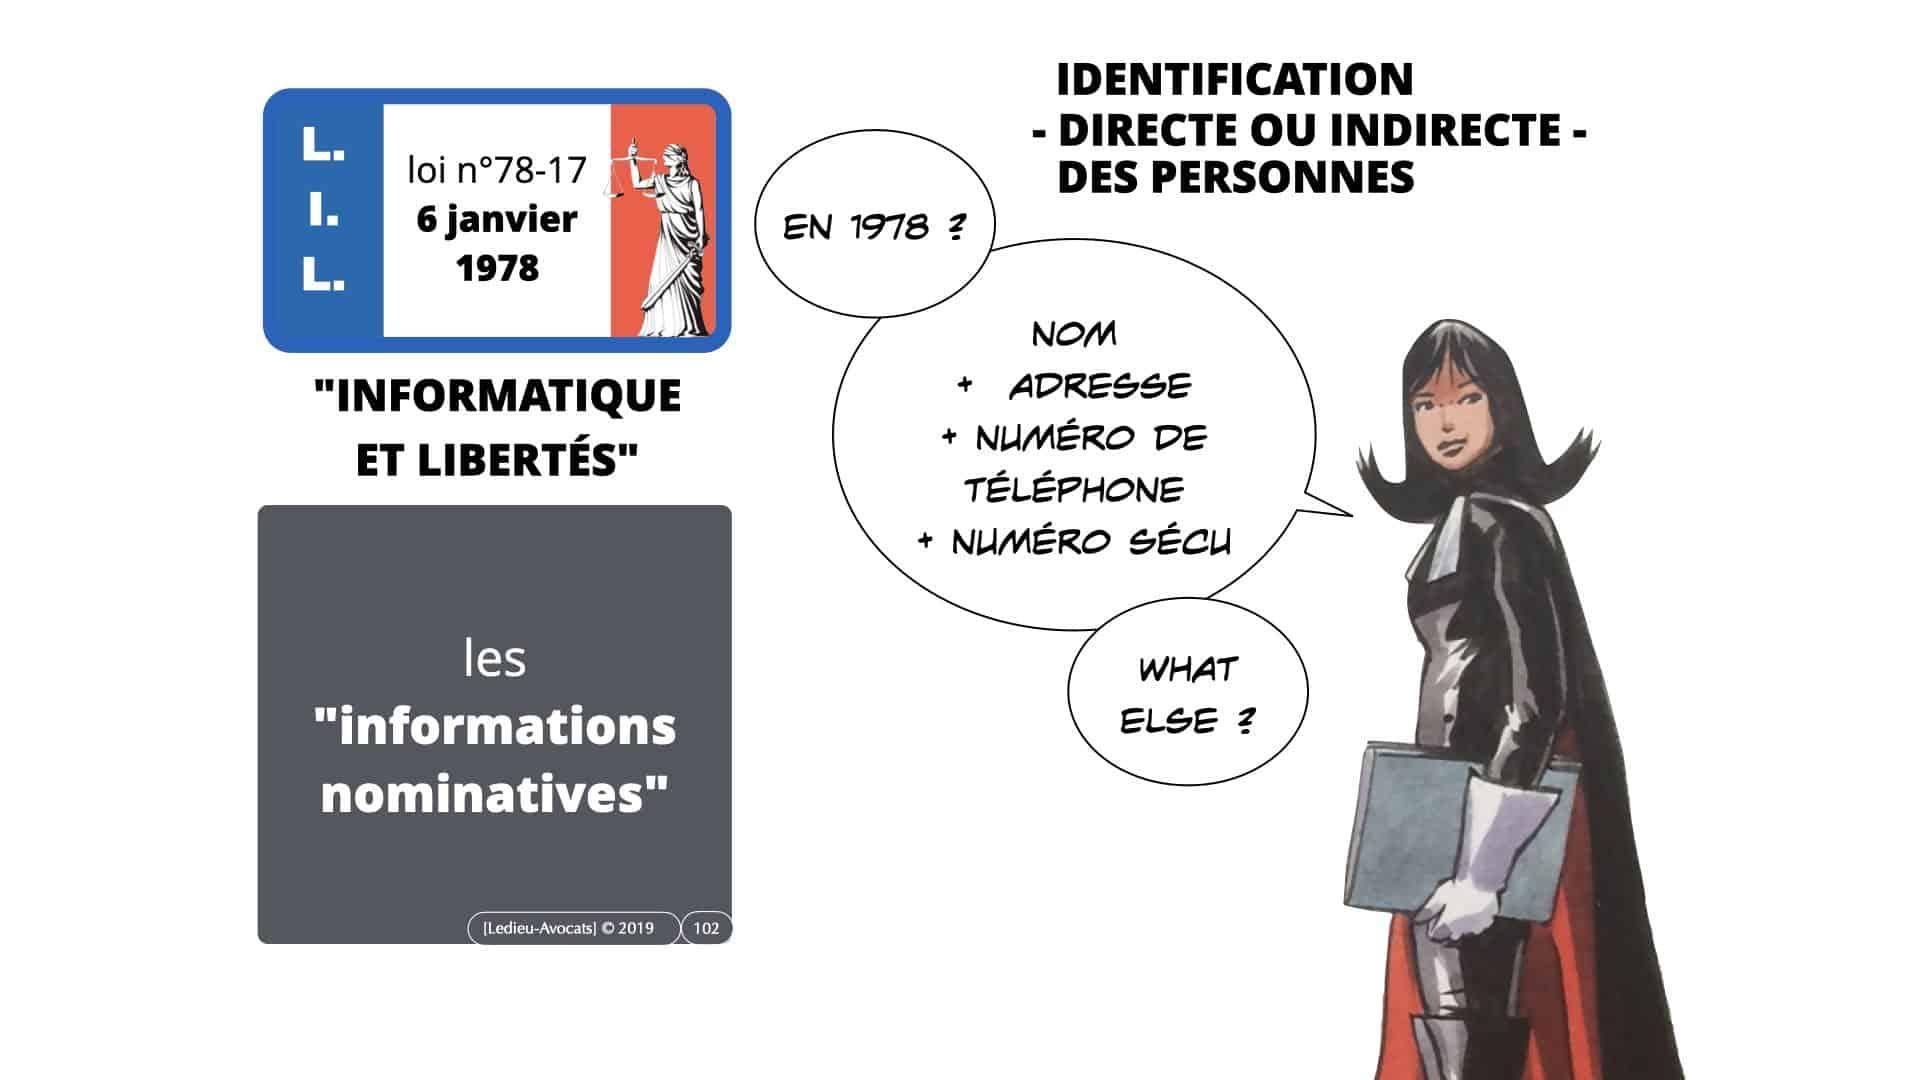 RGPD e-Privacy données personnelles jurisprudence formation Lamy Les Echos 10-02-2021 ©Ledieu-Avocats.102